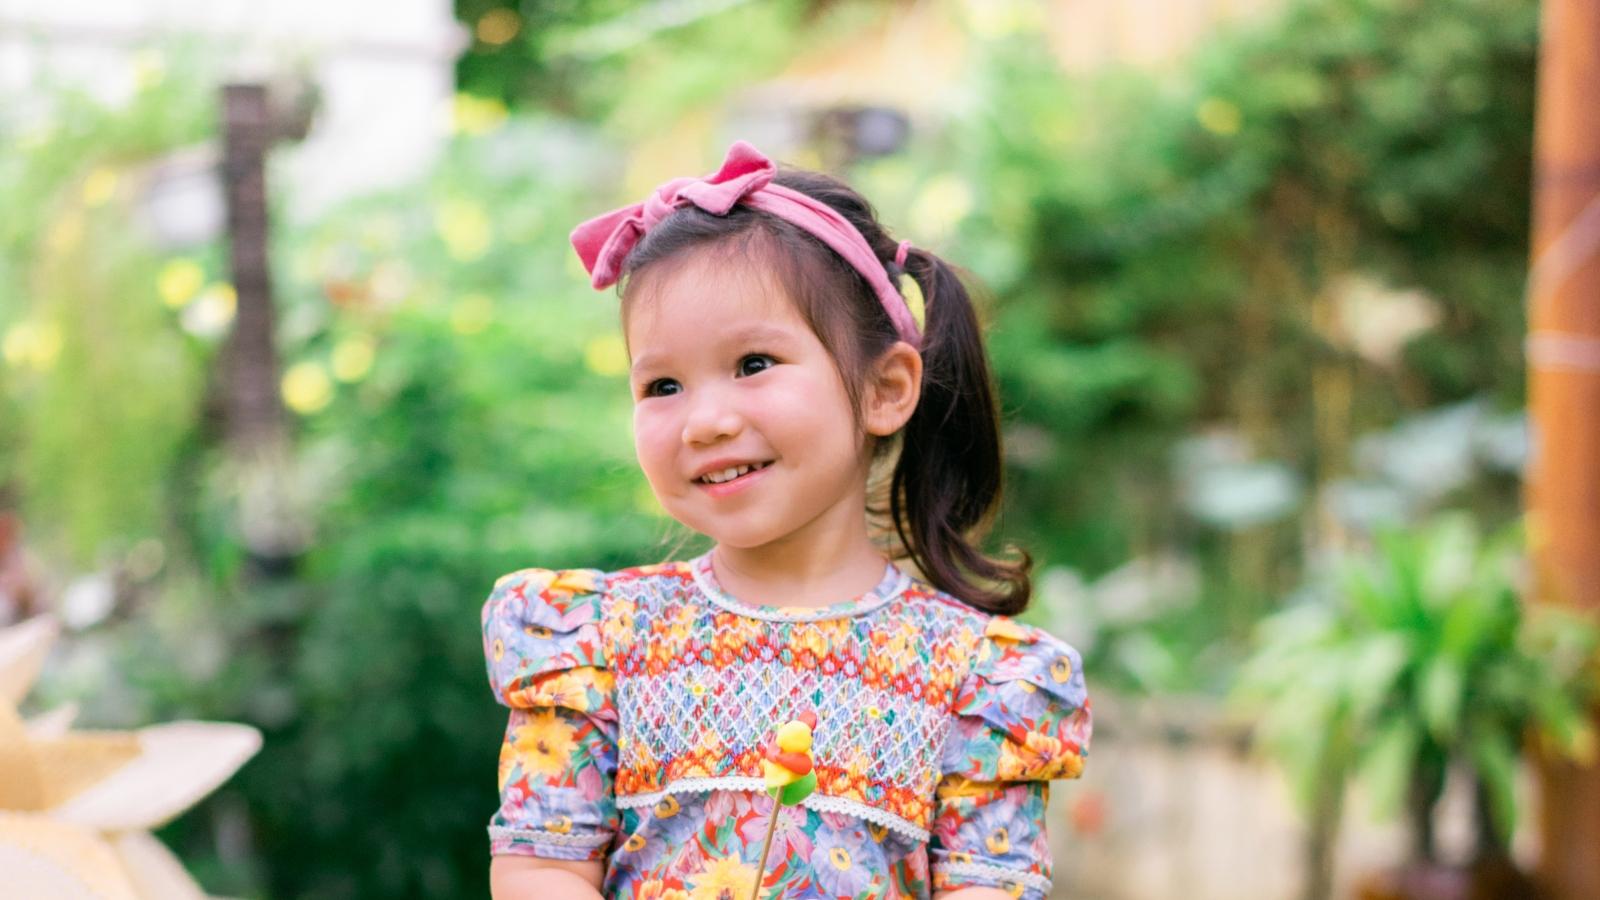 Con gái lai Tây của siêu mẫu Hà Anh đáng yêu khi mặc áo dài